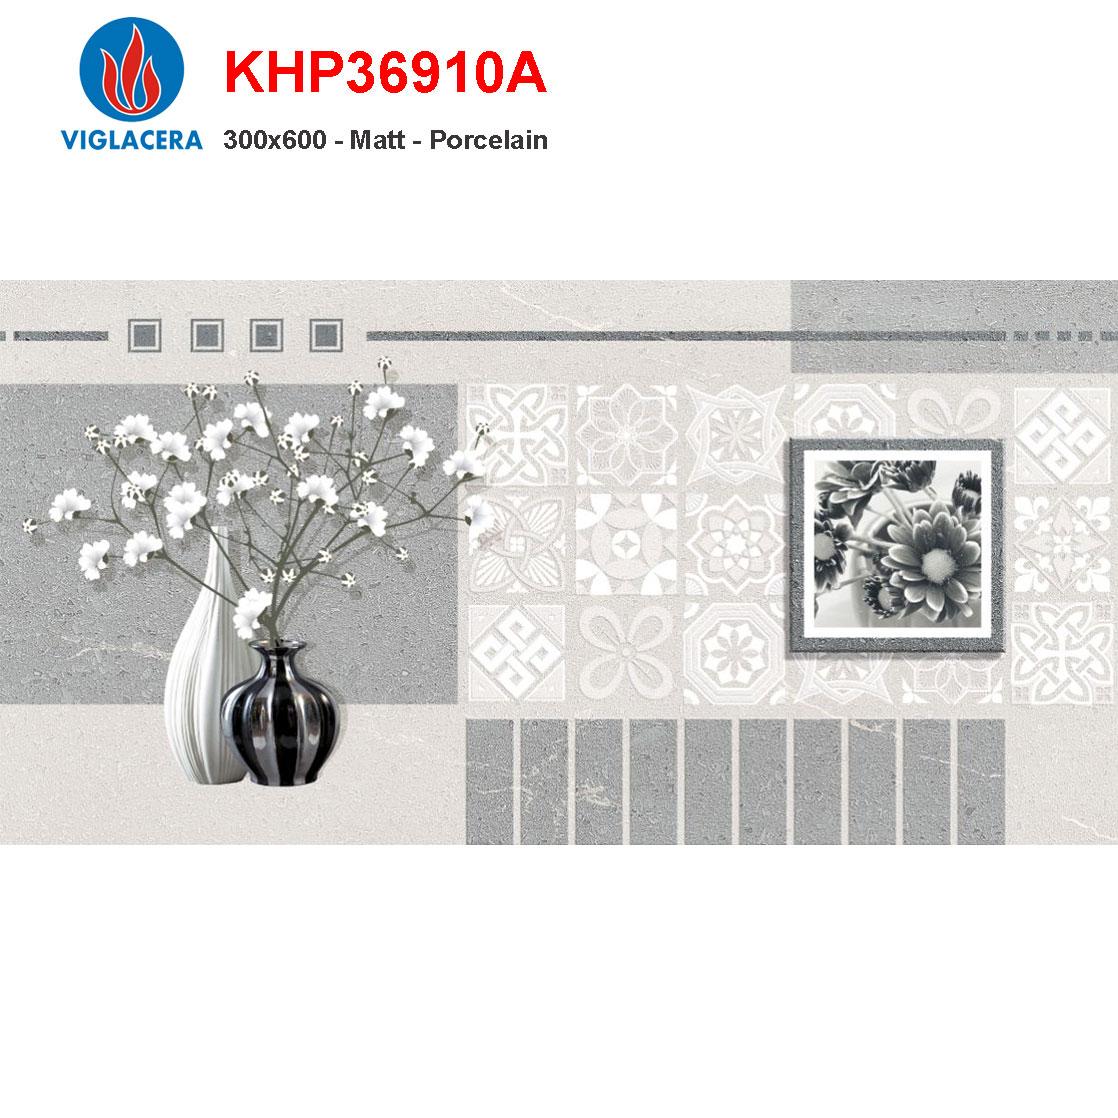 Gạch điểm 300x600 Viglacera KHP36910A giá rẻ